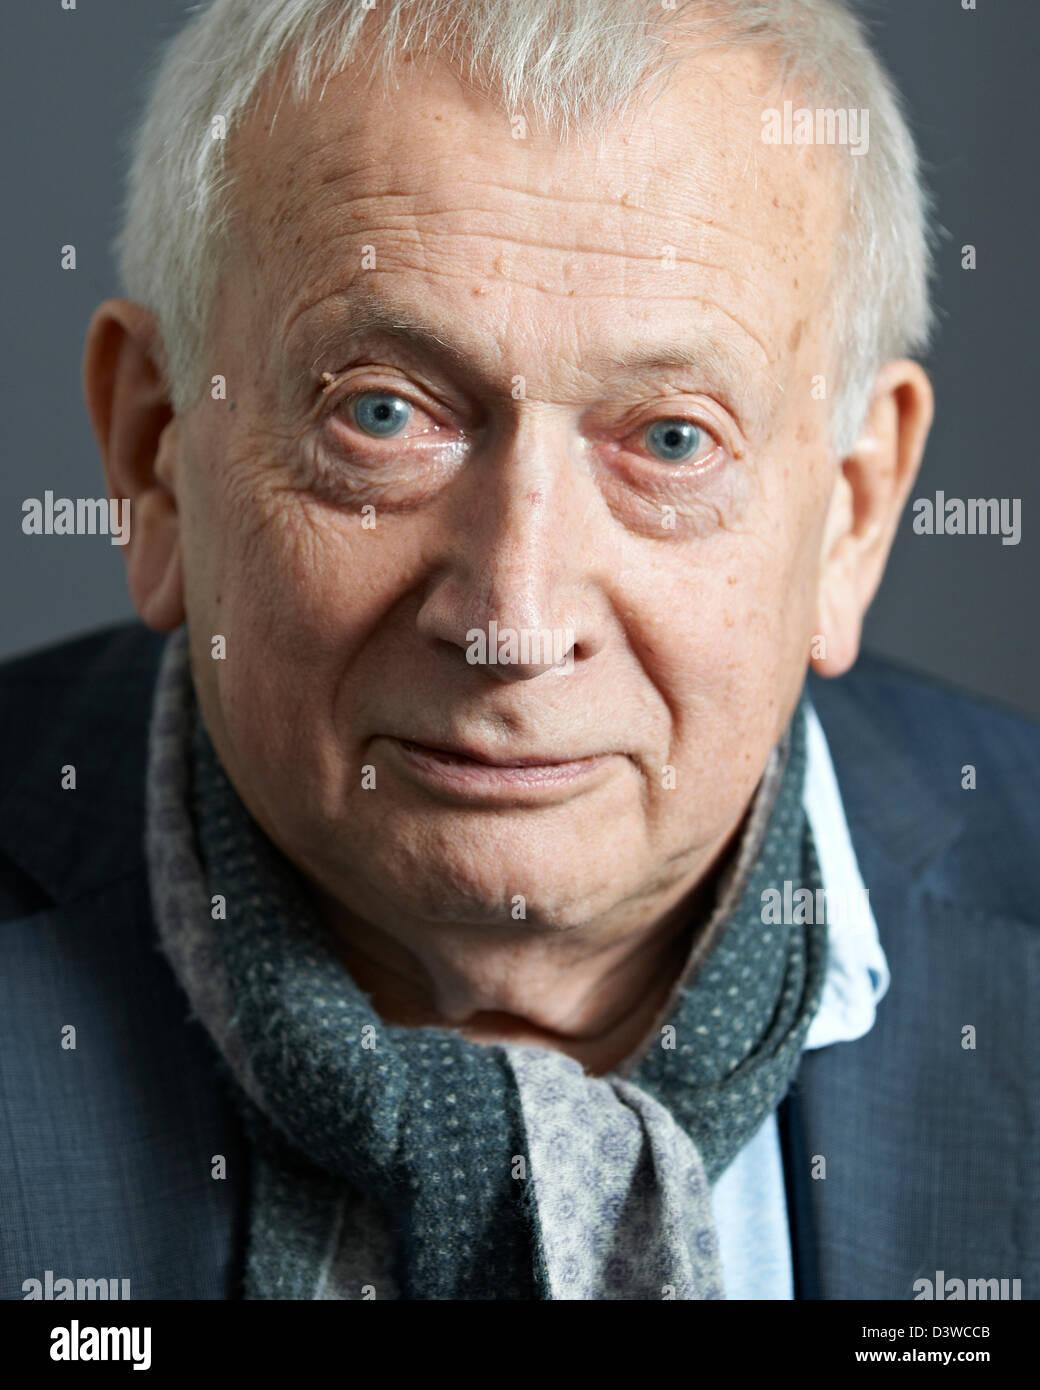 Paul Bailey, portrait Stockbild